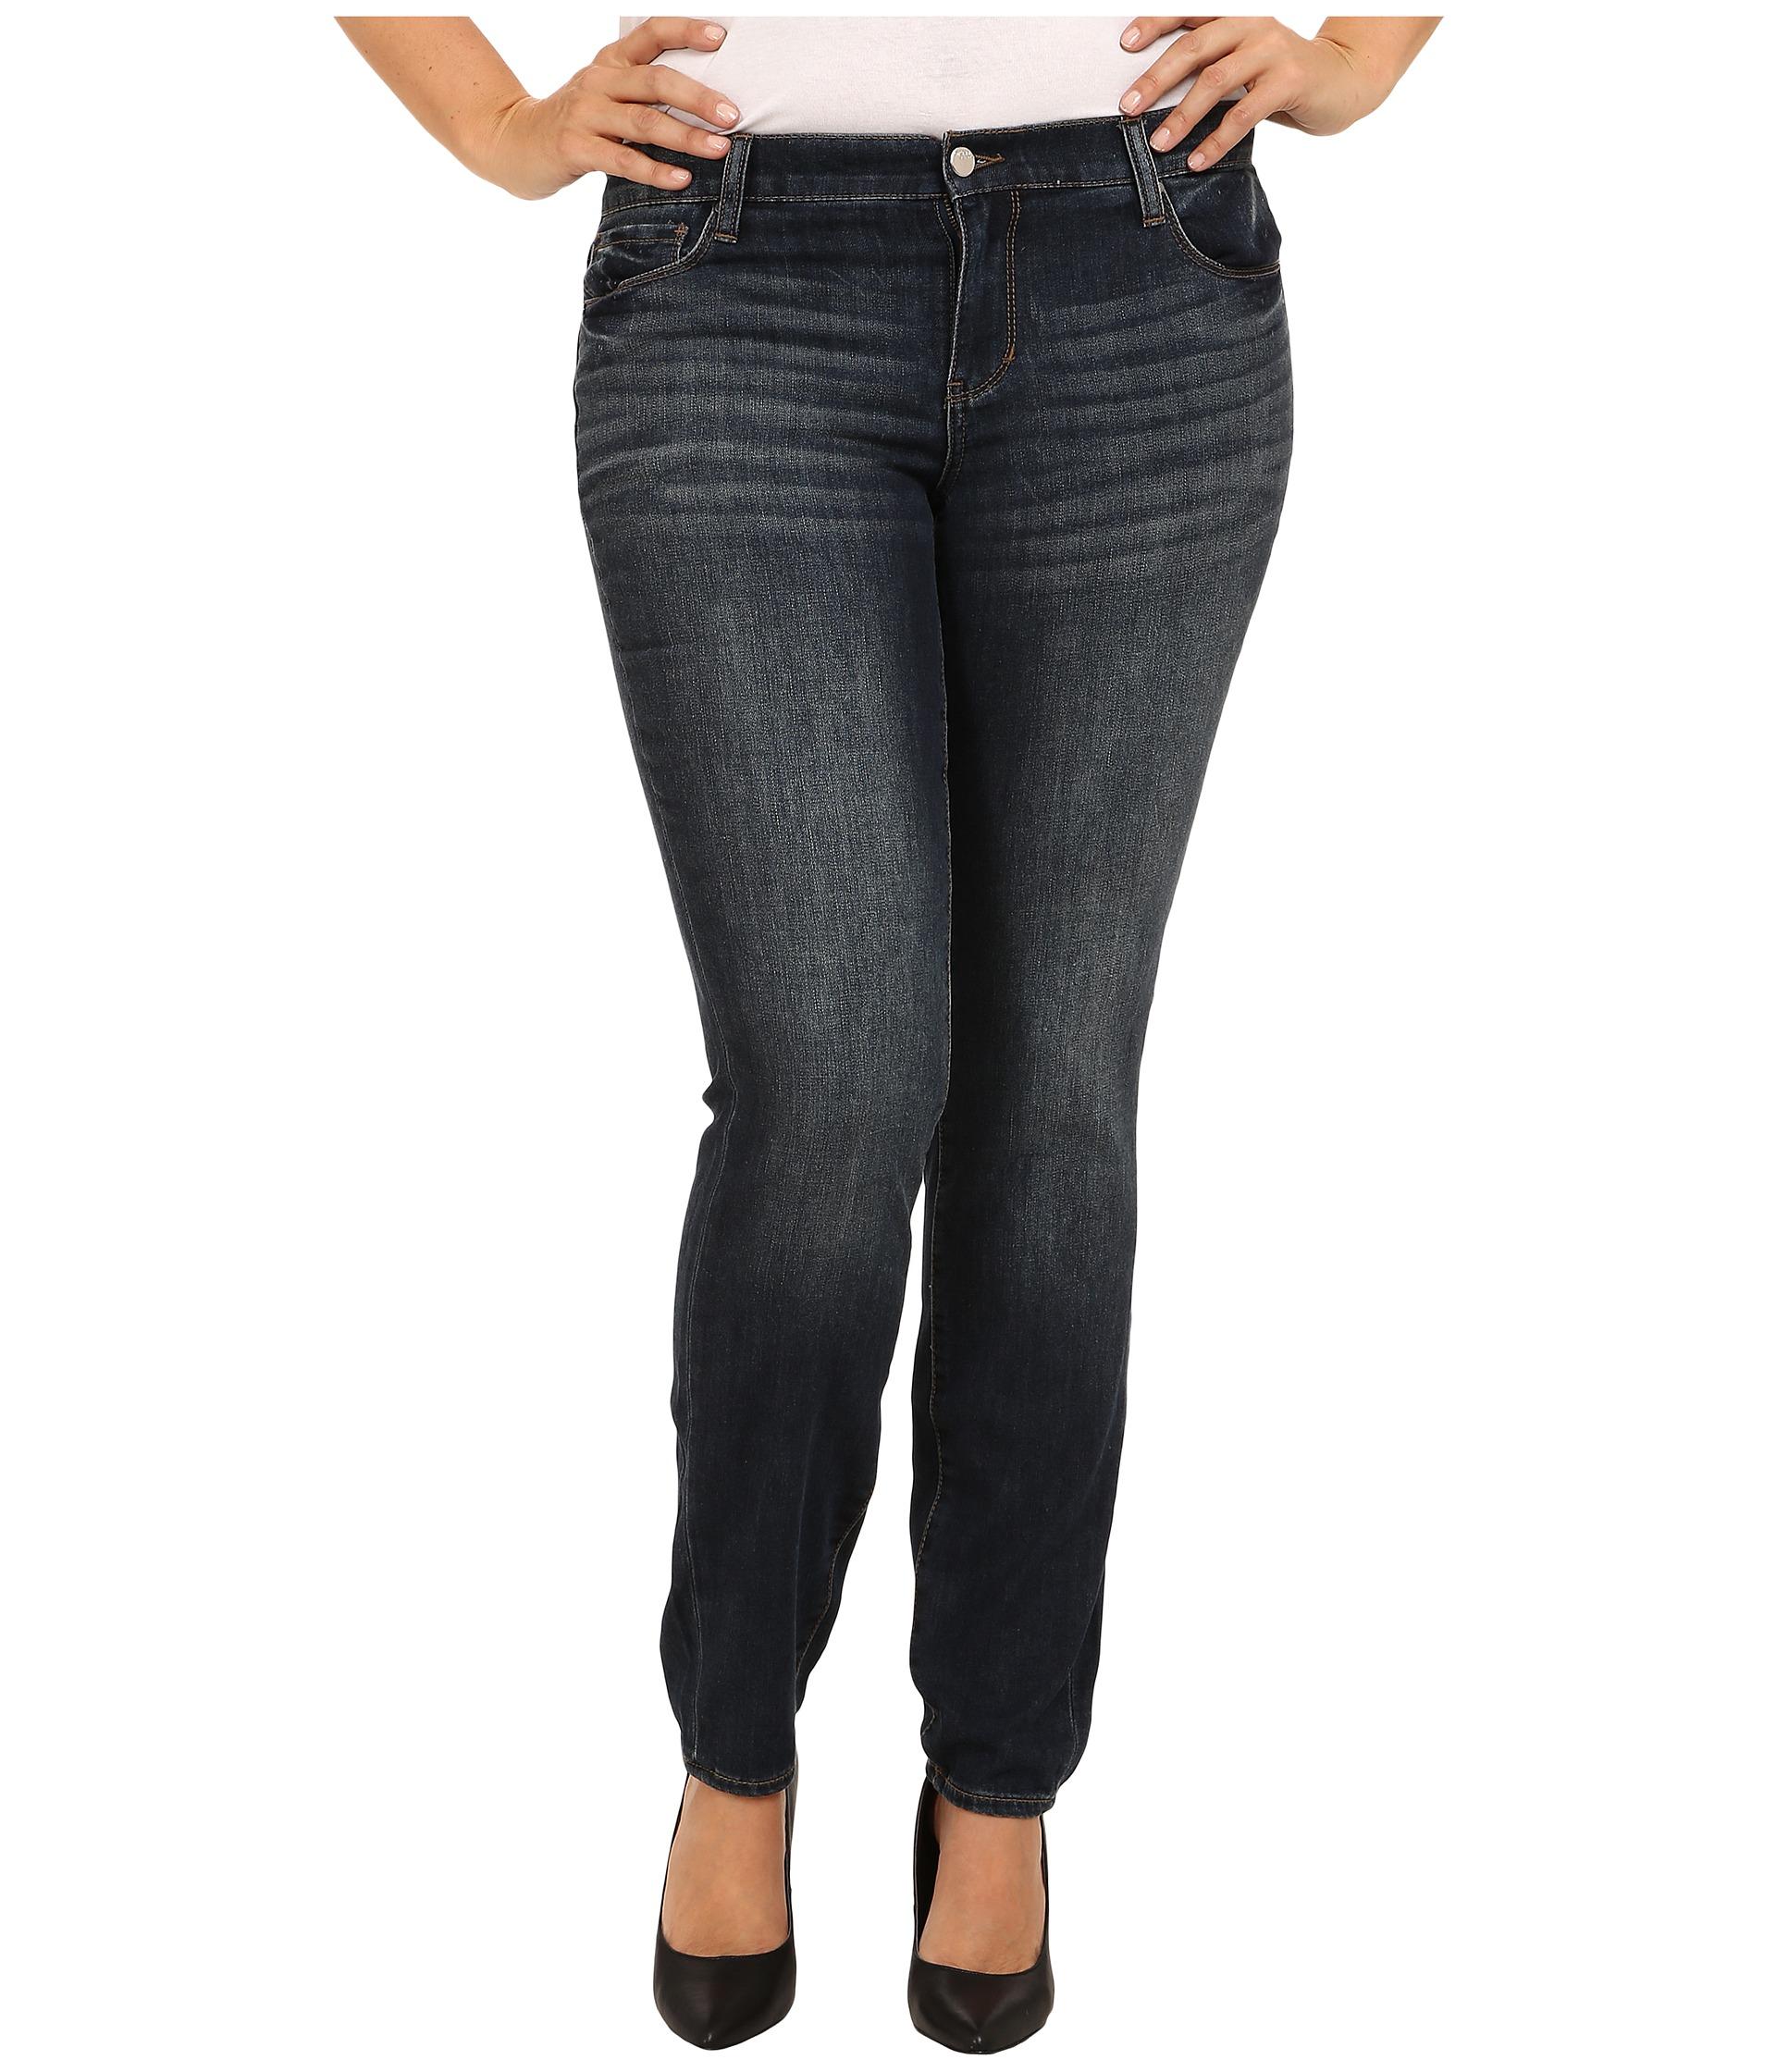 f6e1de9d06d Dkny Jeans Plus Size Soho Skinny In Chelsea Wash on PopScreen